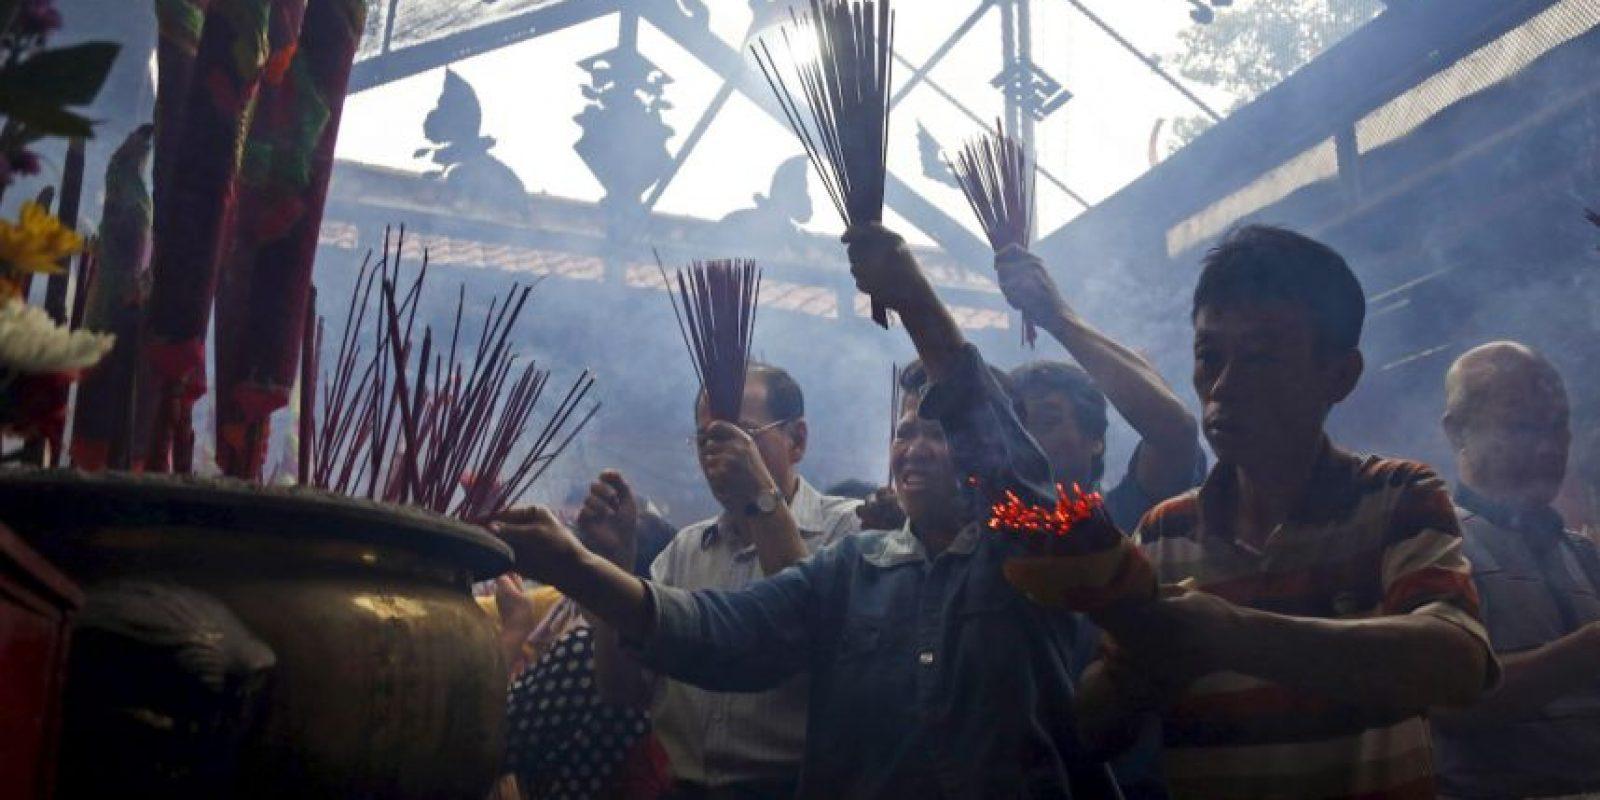 La tradición es encender infinidad de fuegos artificiales. Foto:AP